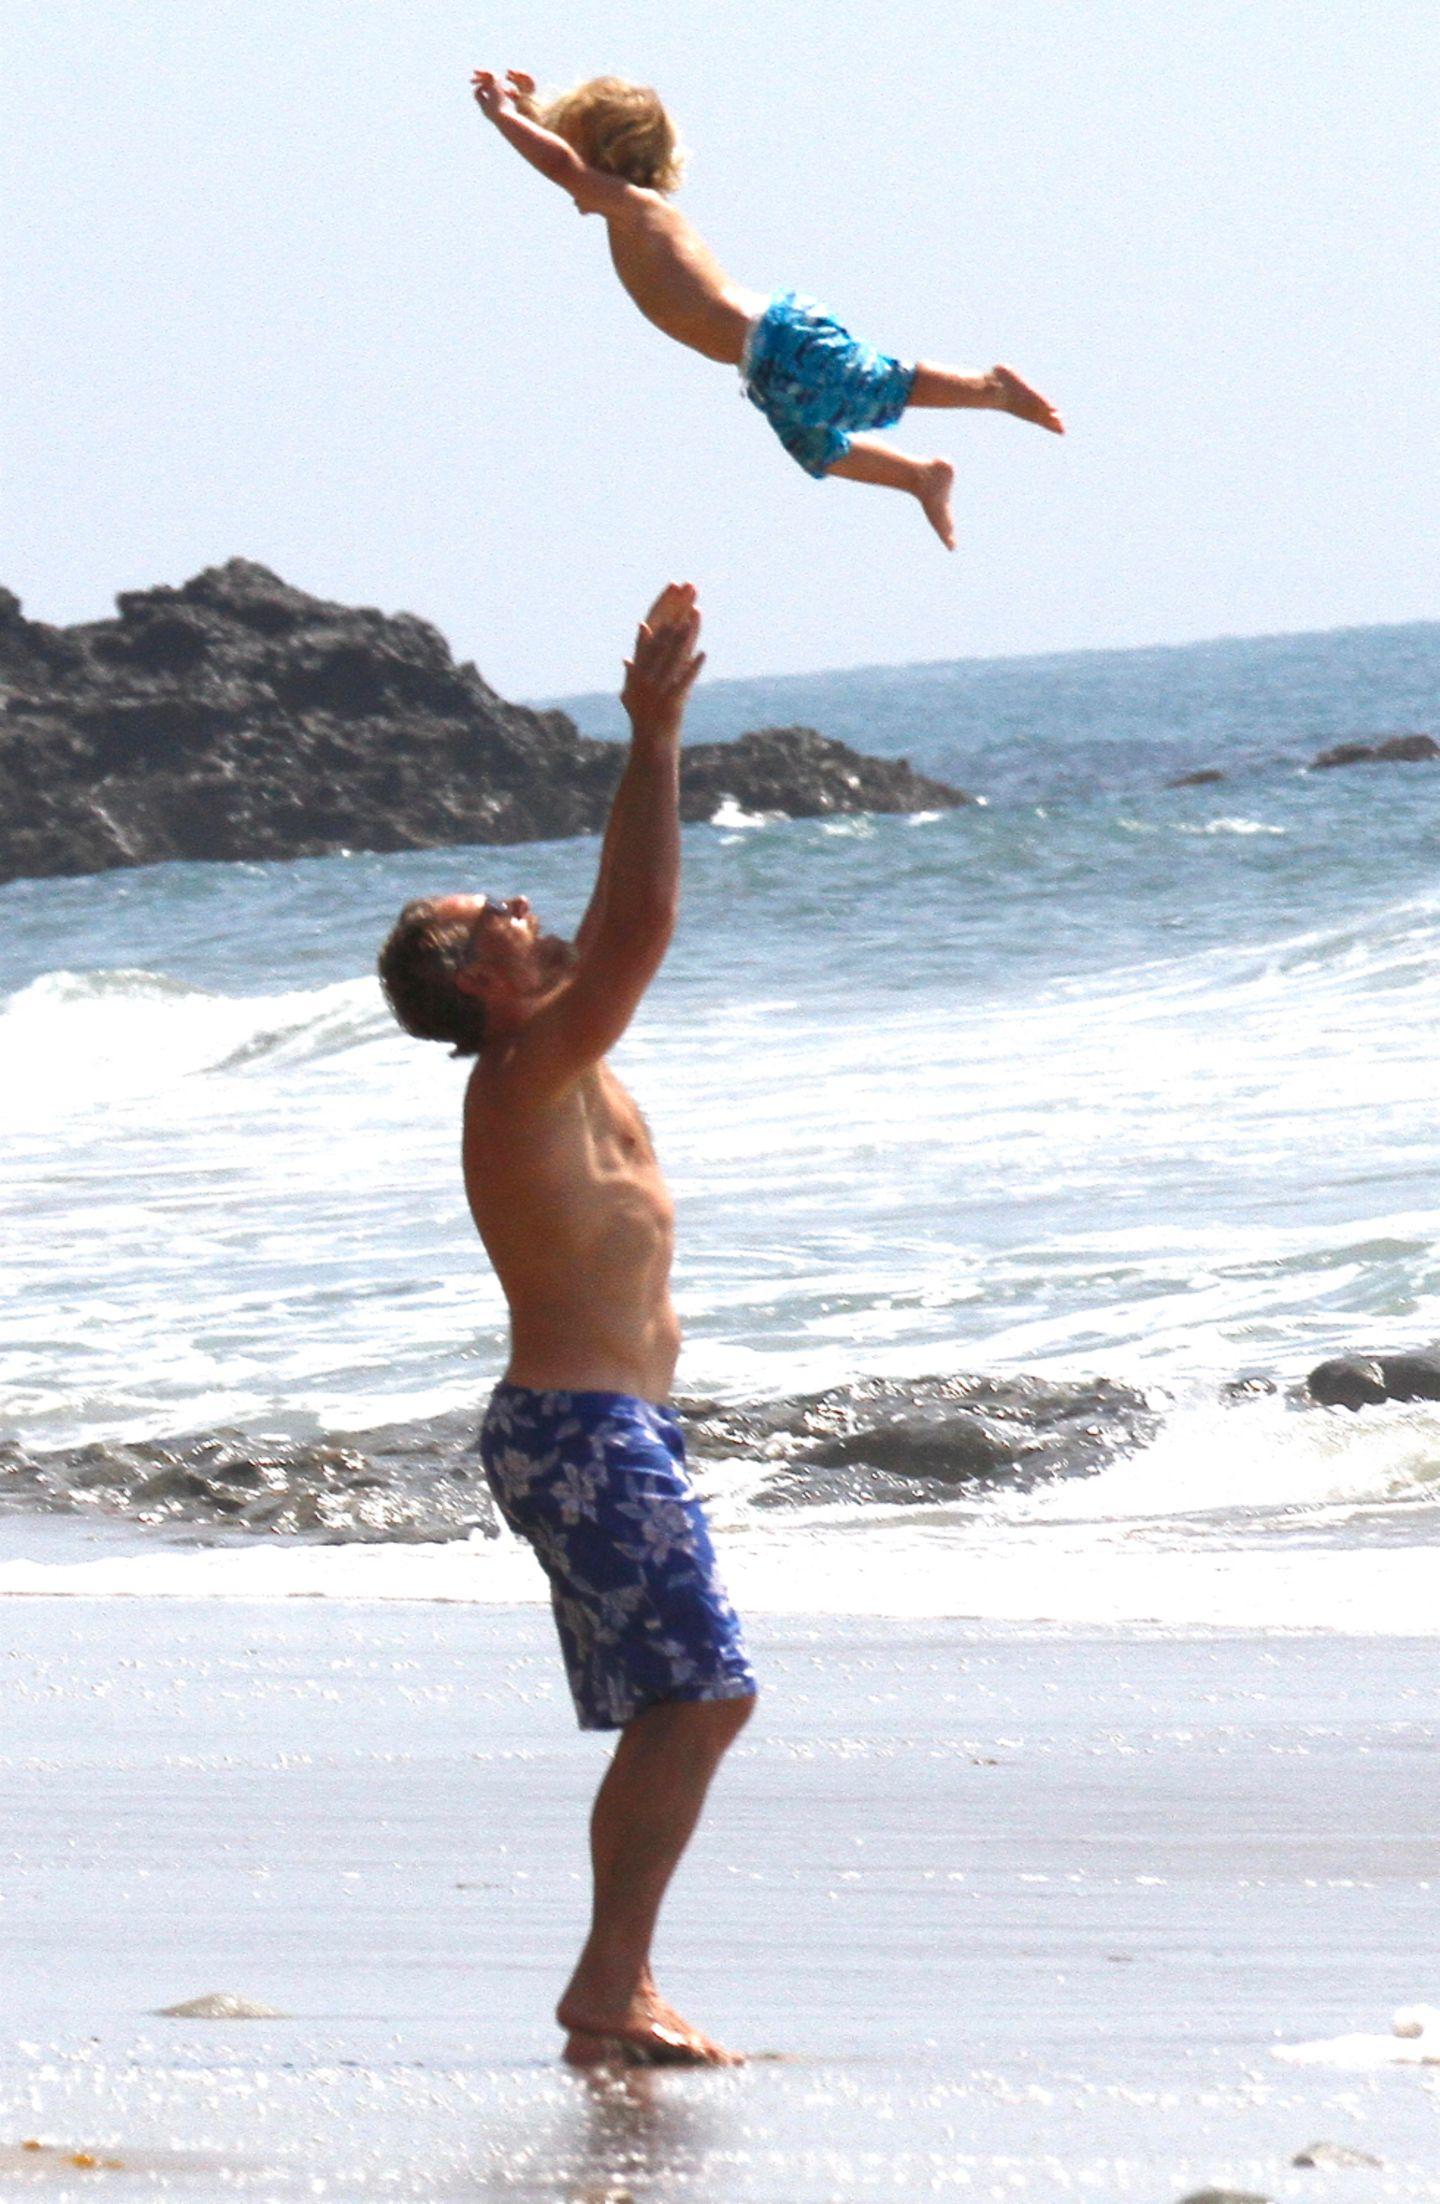 Am Strand von Santa Monica verbringen Eric Johnson und Sohn Ace einen Tag unter Männern. Im Partnerlook und ordentlich Spaß, gönnten die zwei sich eine Auszeit.